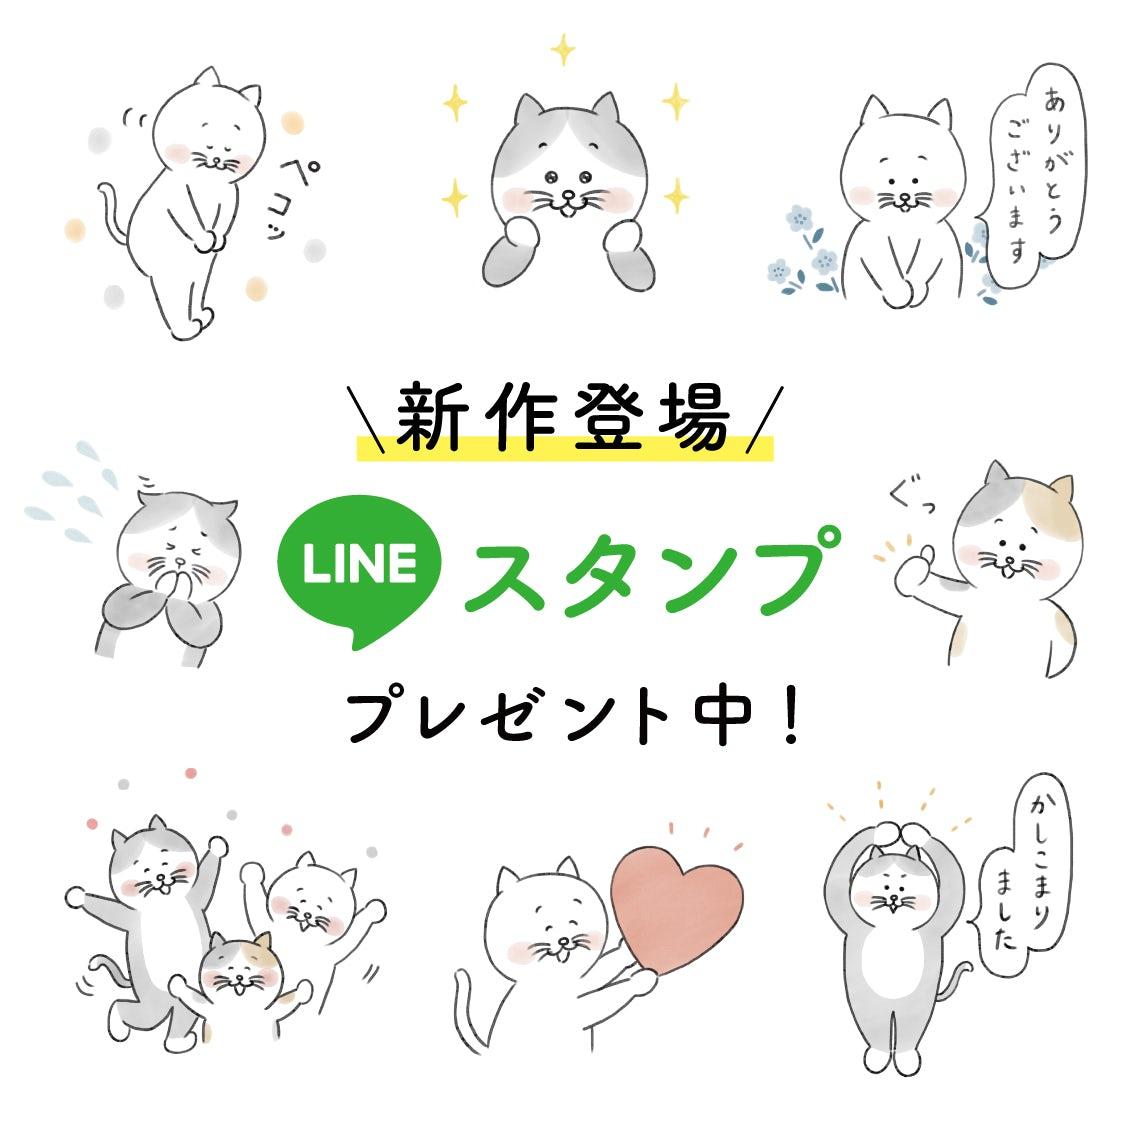 【人気キャンペーン再び!】LINEスタンプを無料プレゼント!公式アカウントへ移行します